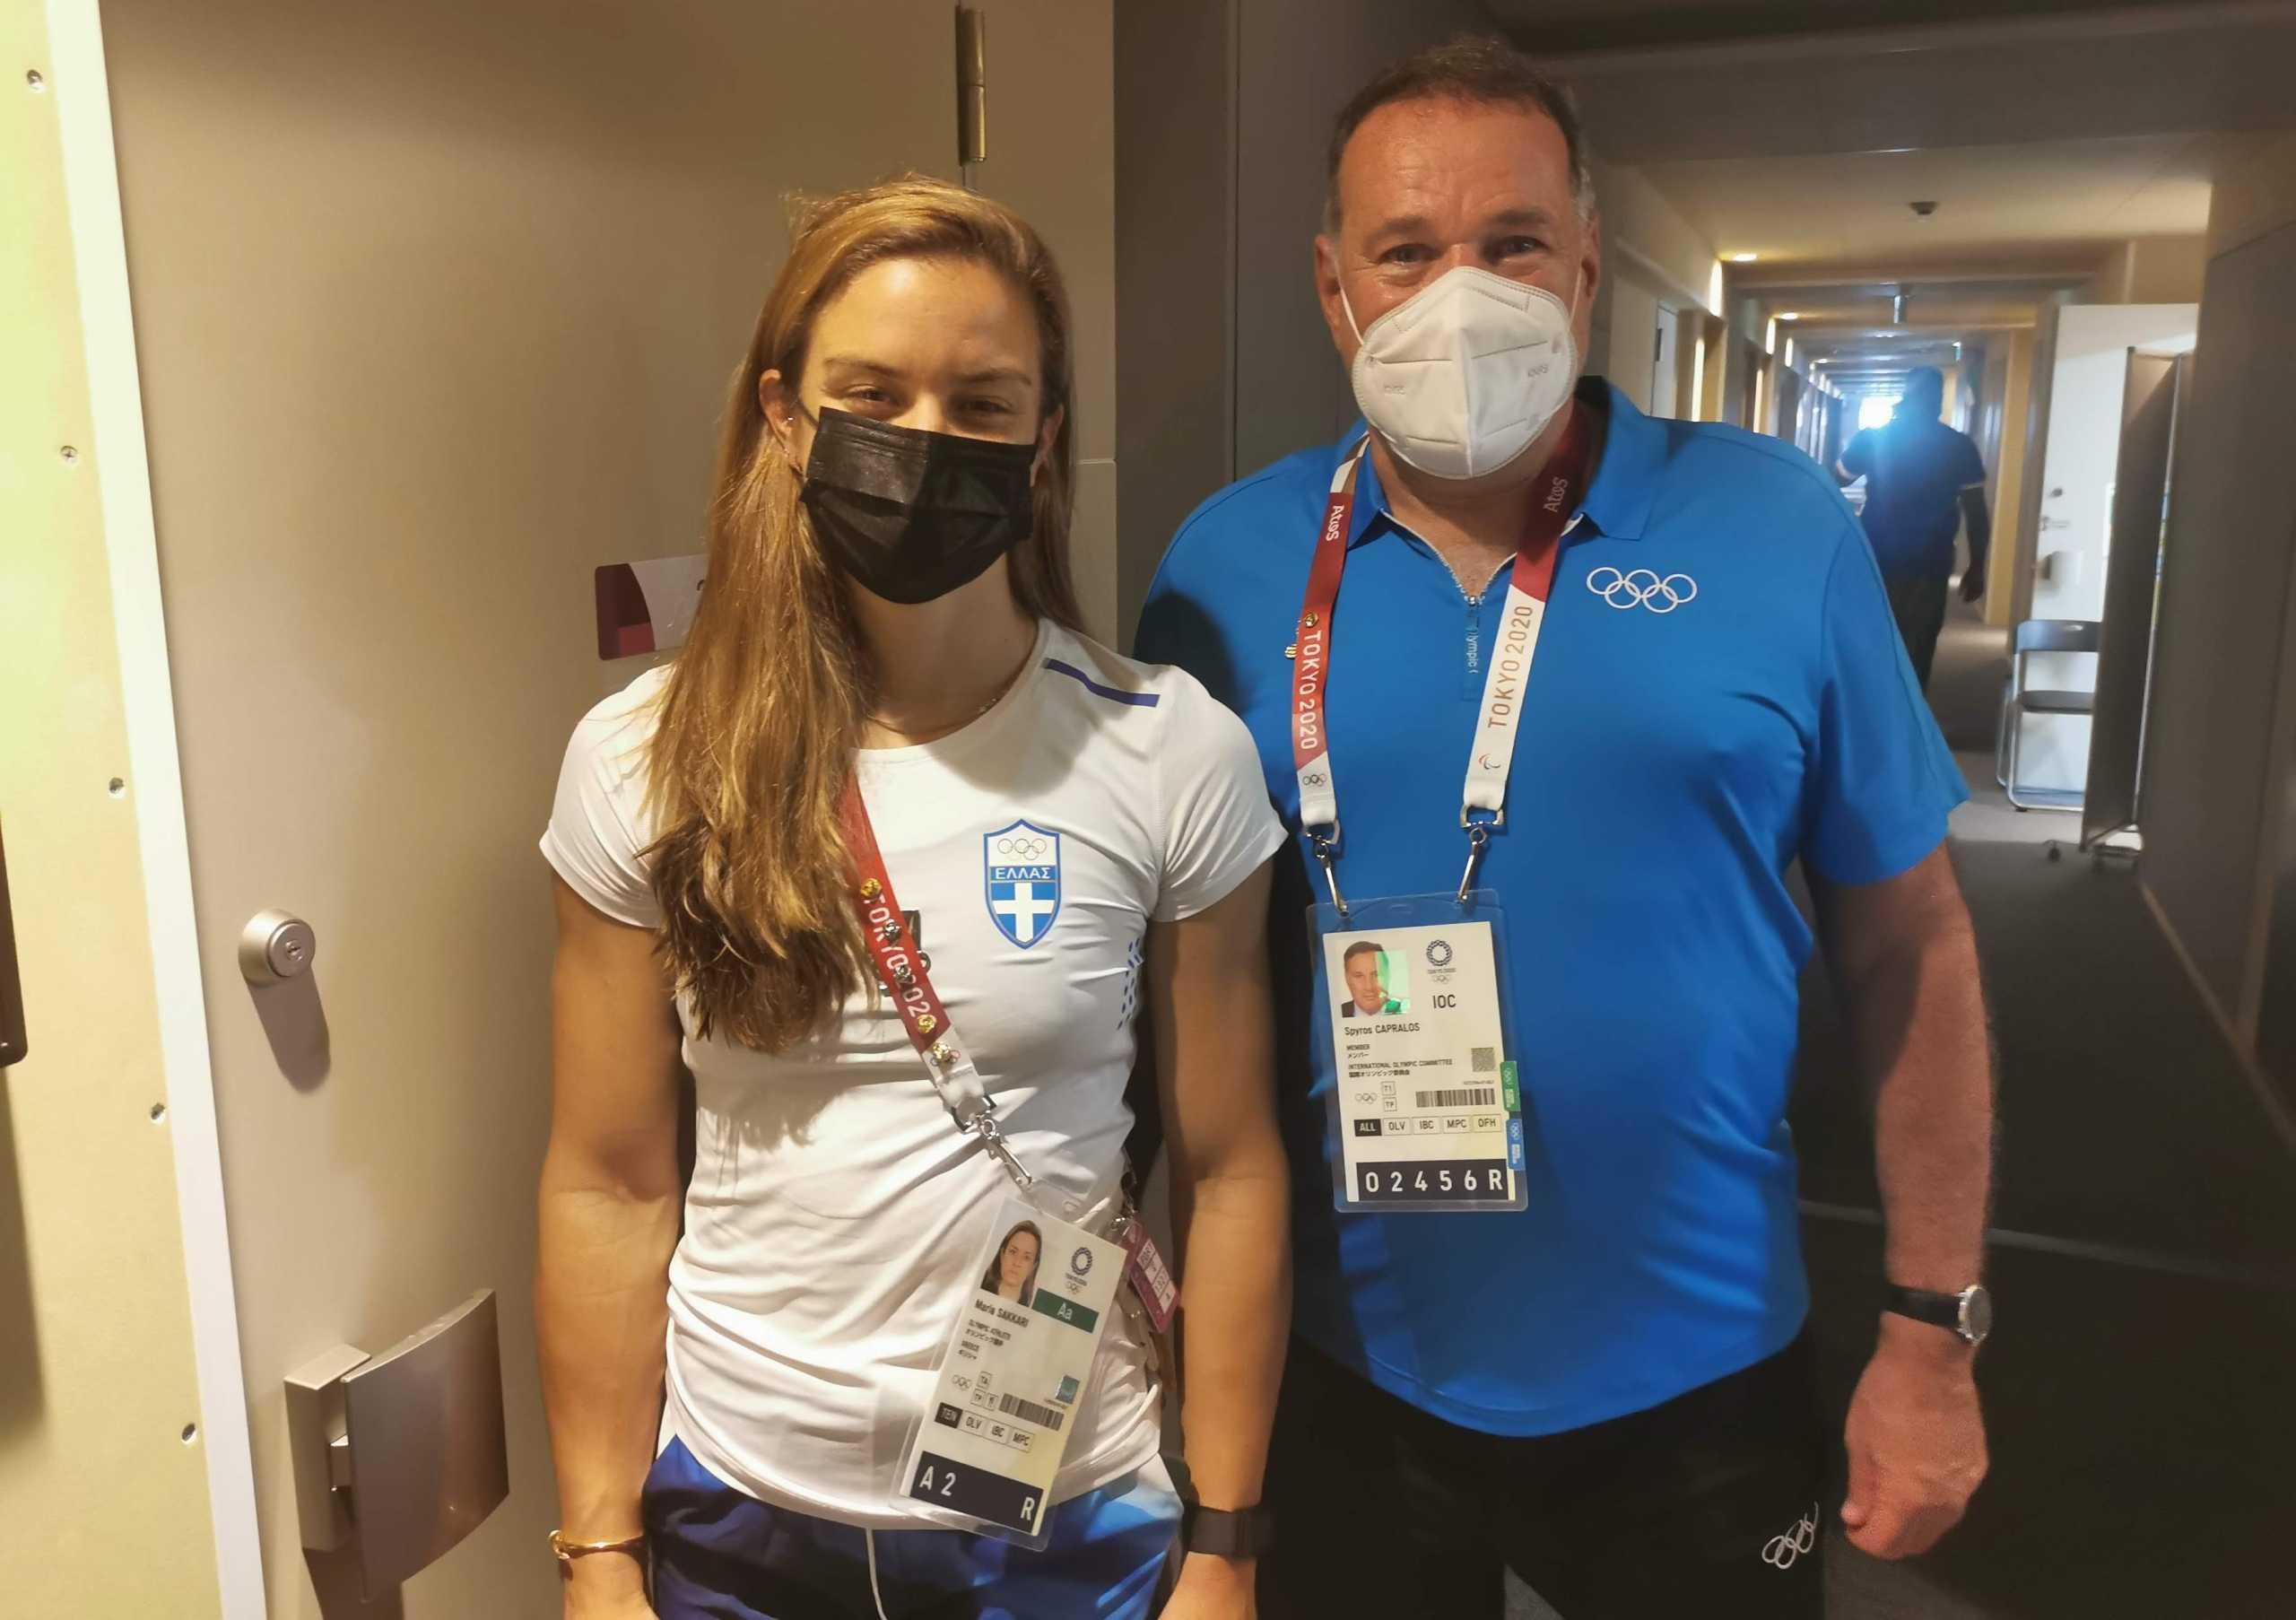 Ολυμπιακοί Αγώνες: Συναντήθηκε με Σάκκαρη και Κορακάκη ο Καπράλος